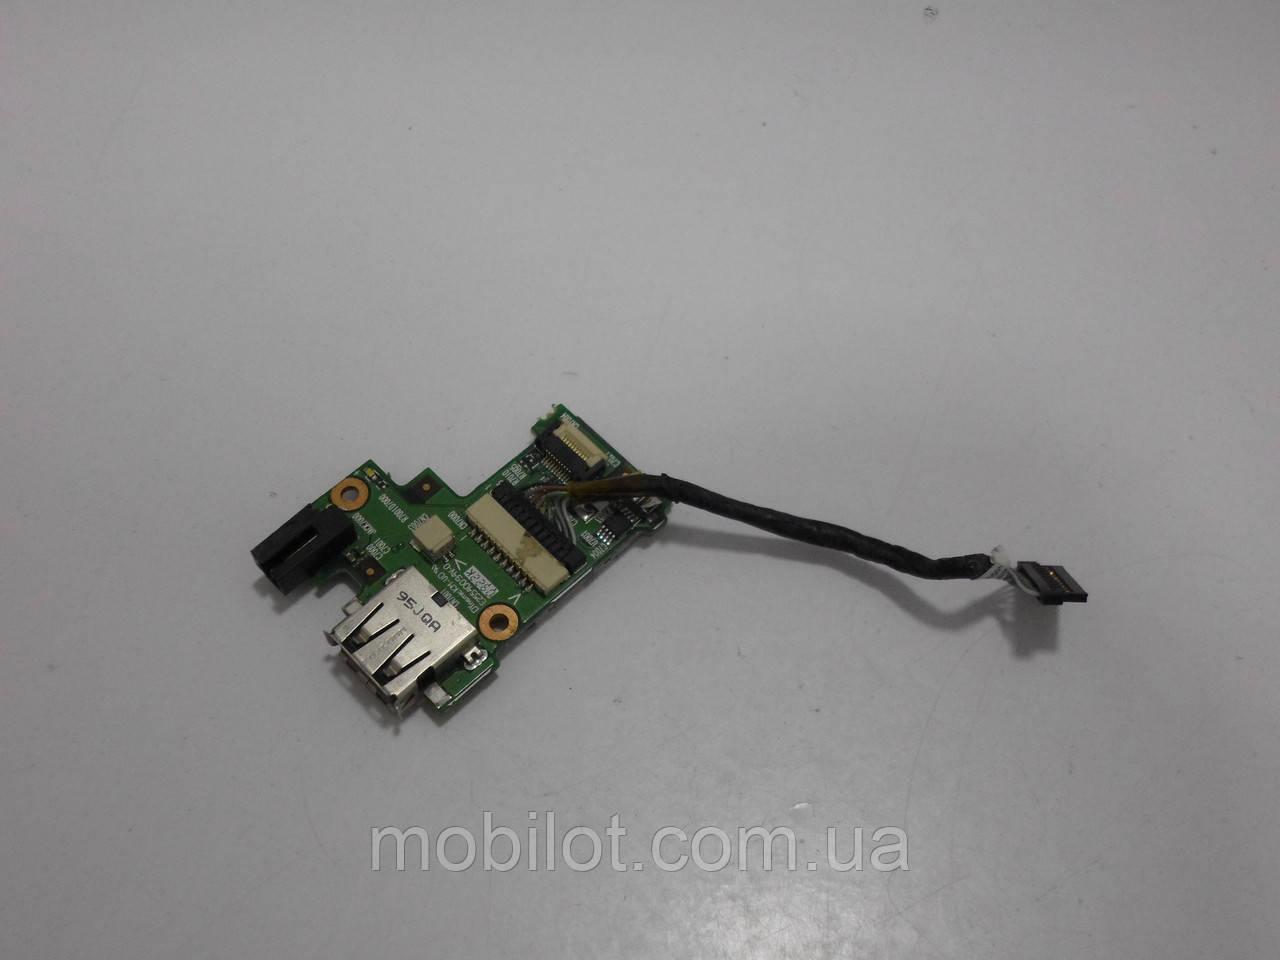 Гнездо зарядки HP mini 1000 (NZ-7424)